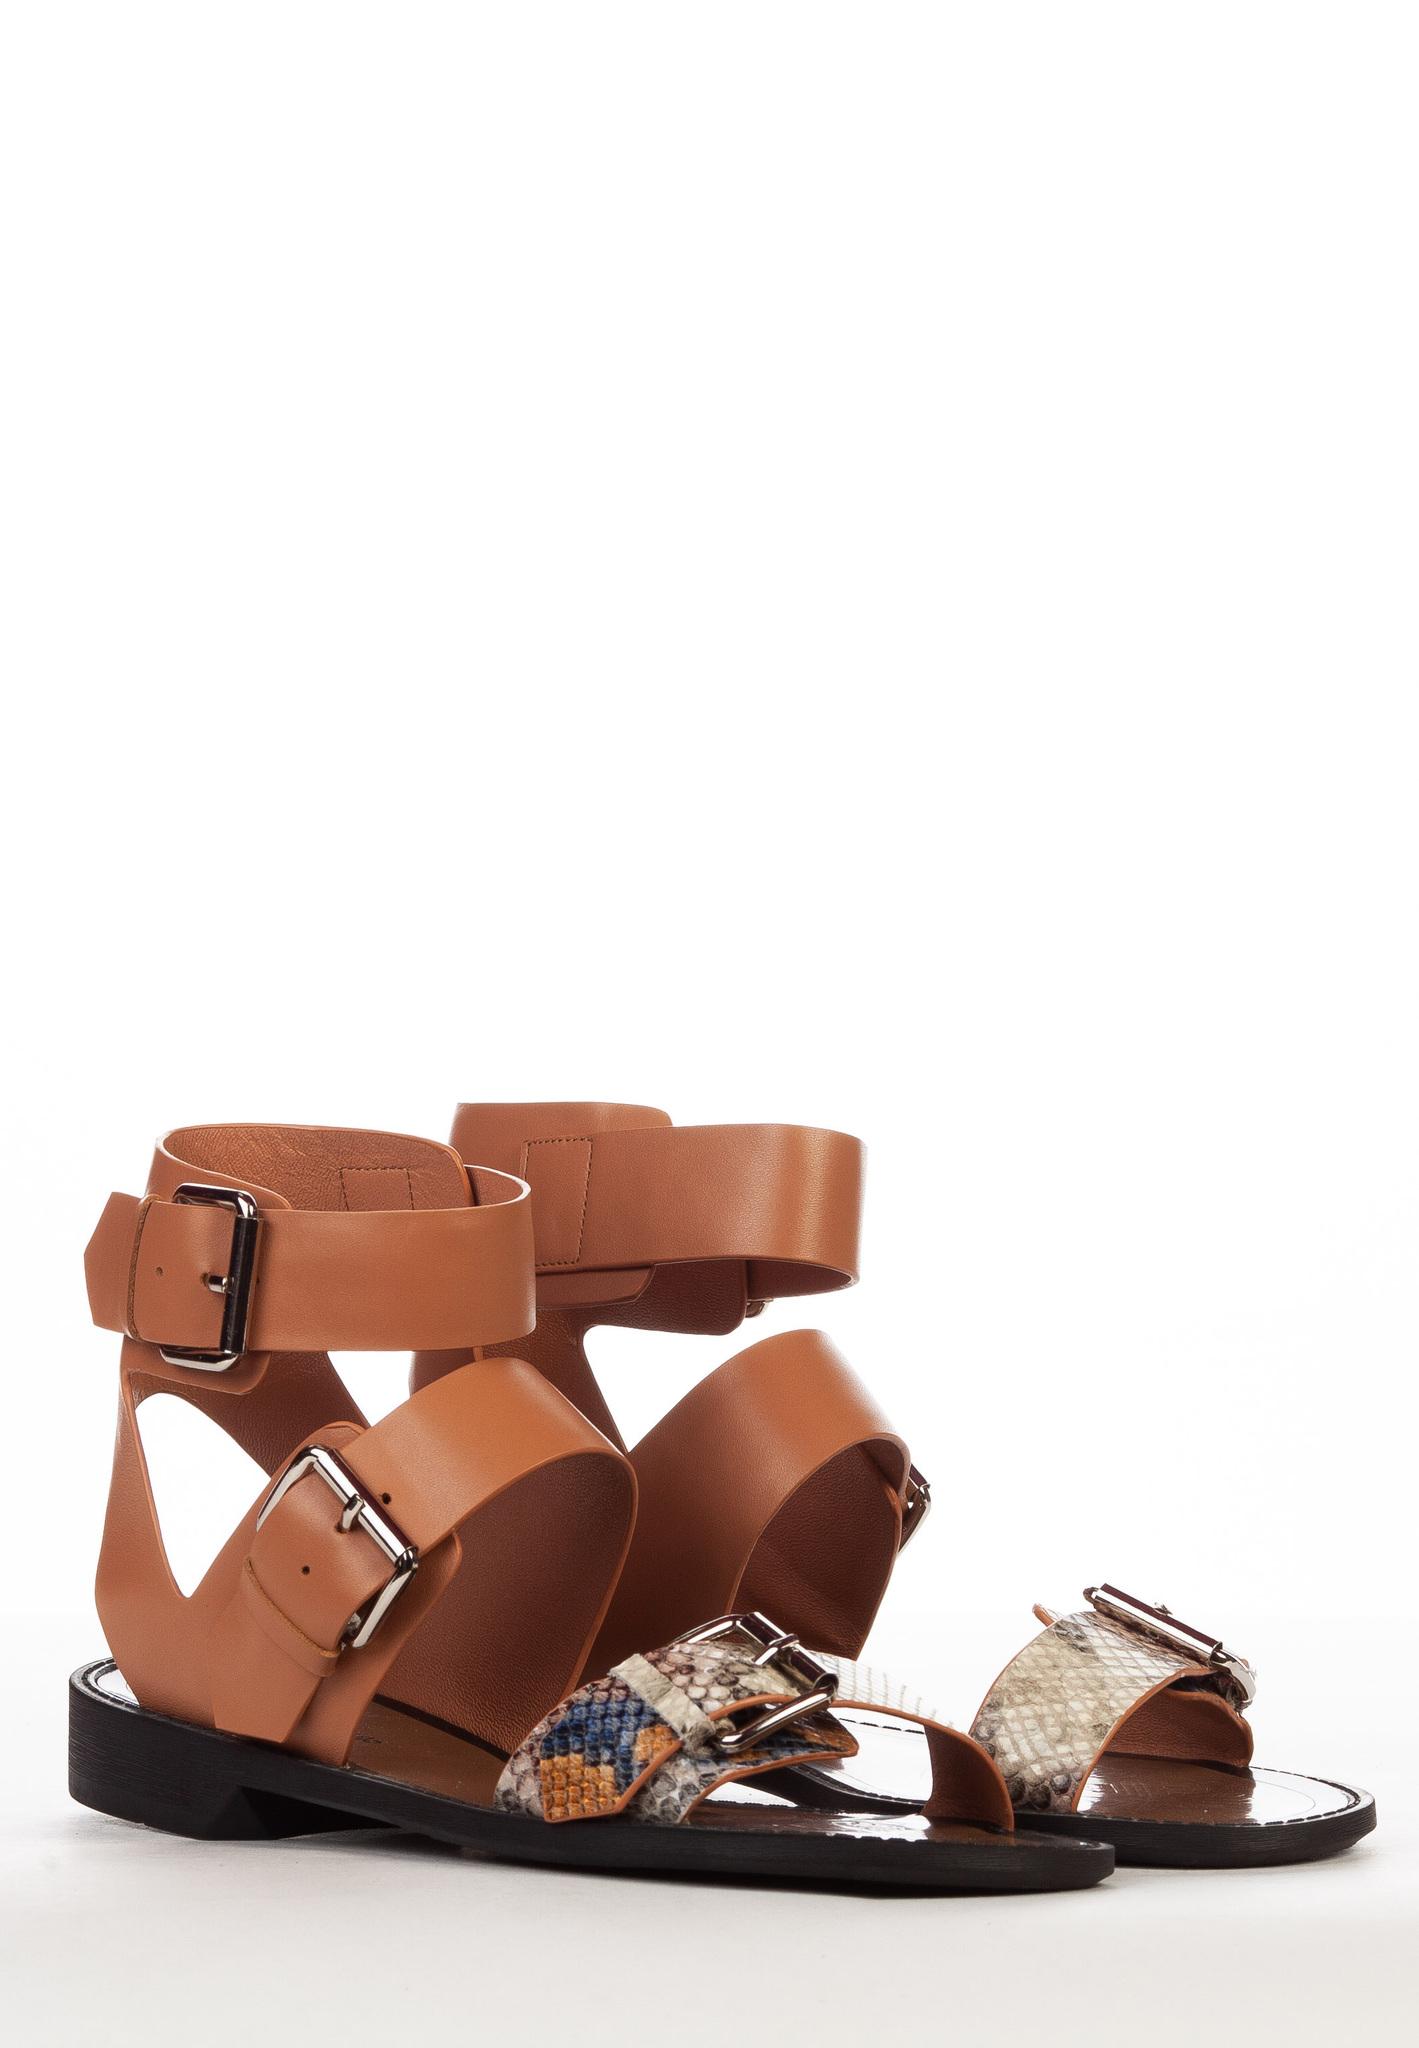 TABRIANO сандалии женские